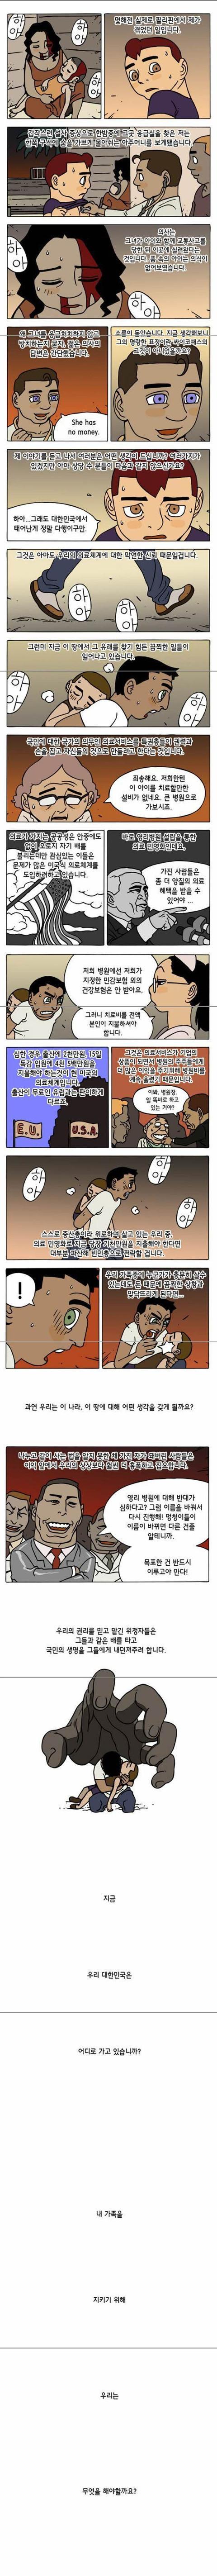 의료민영화_만화